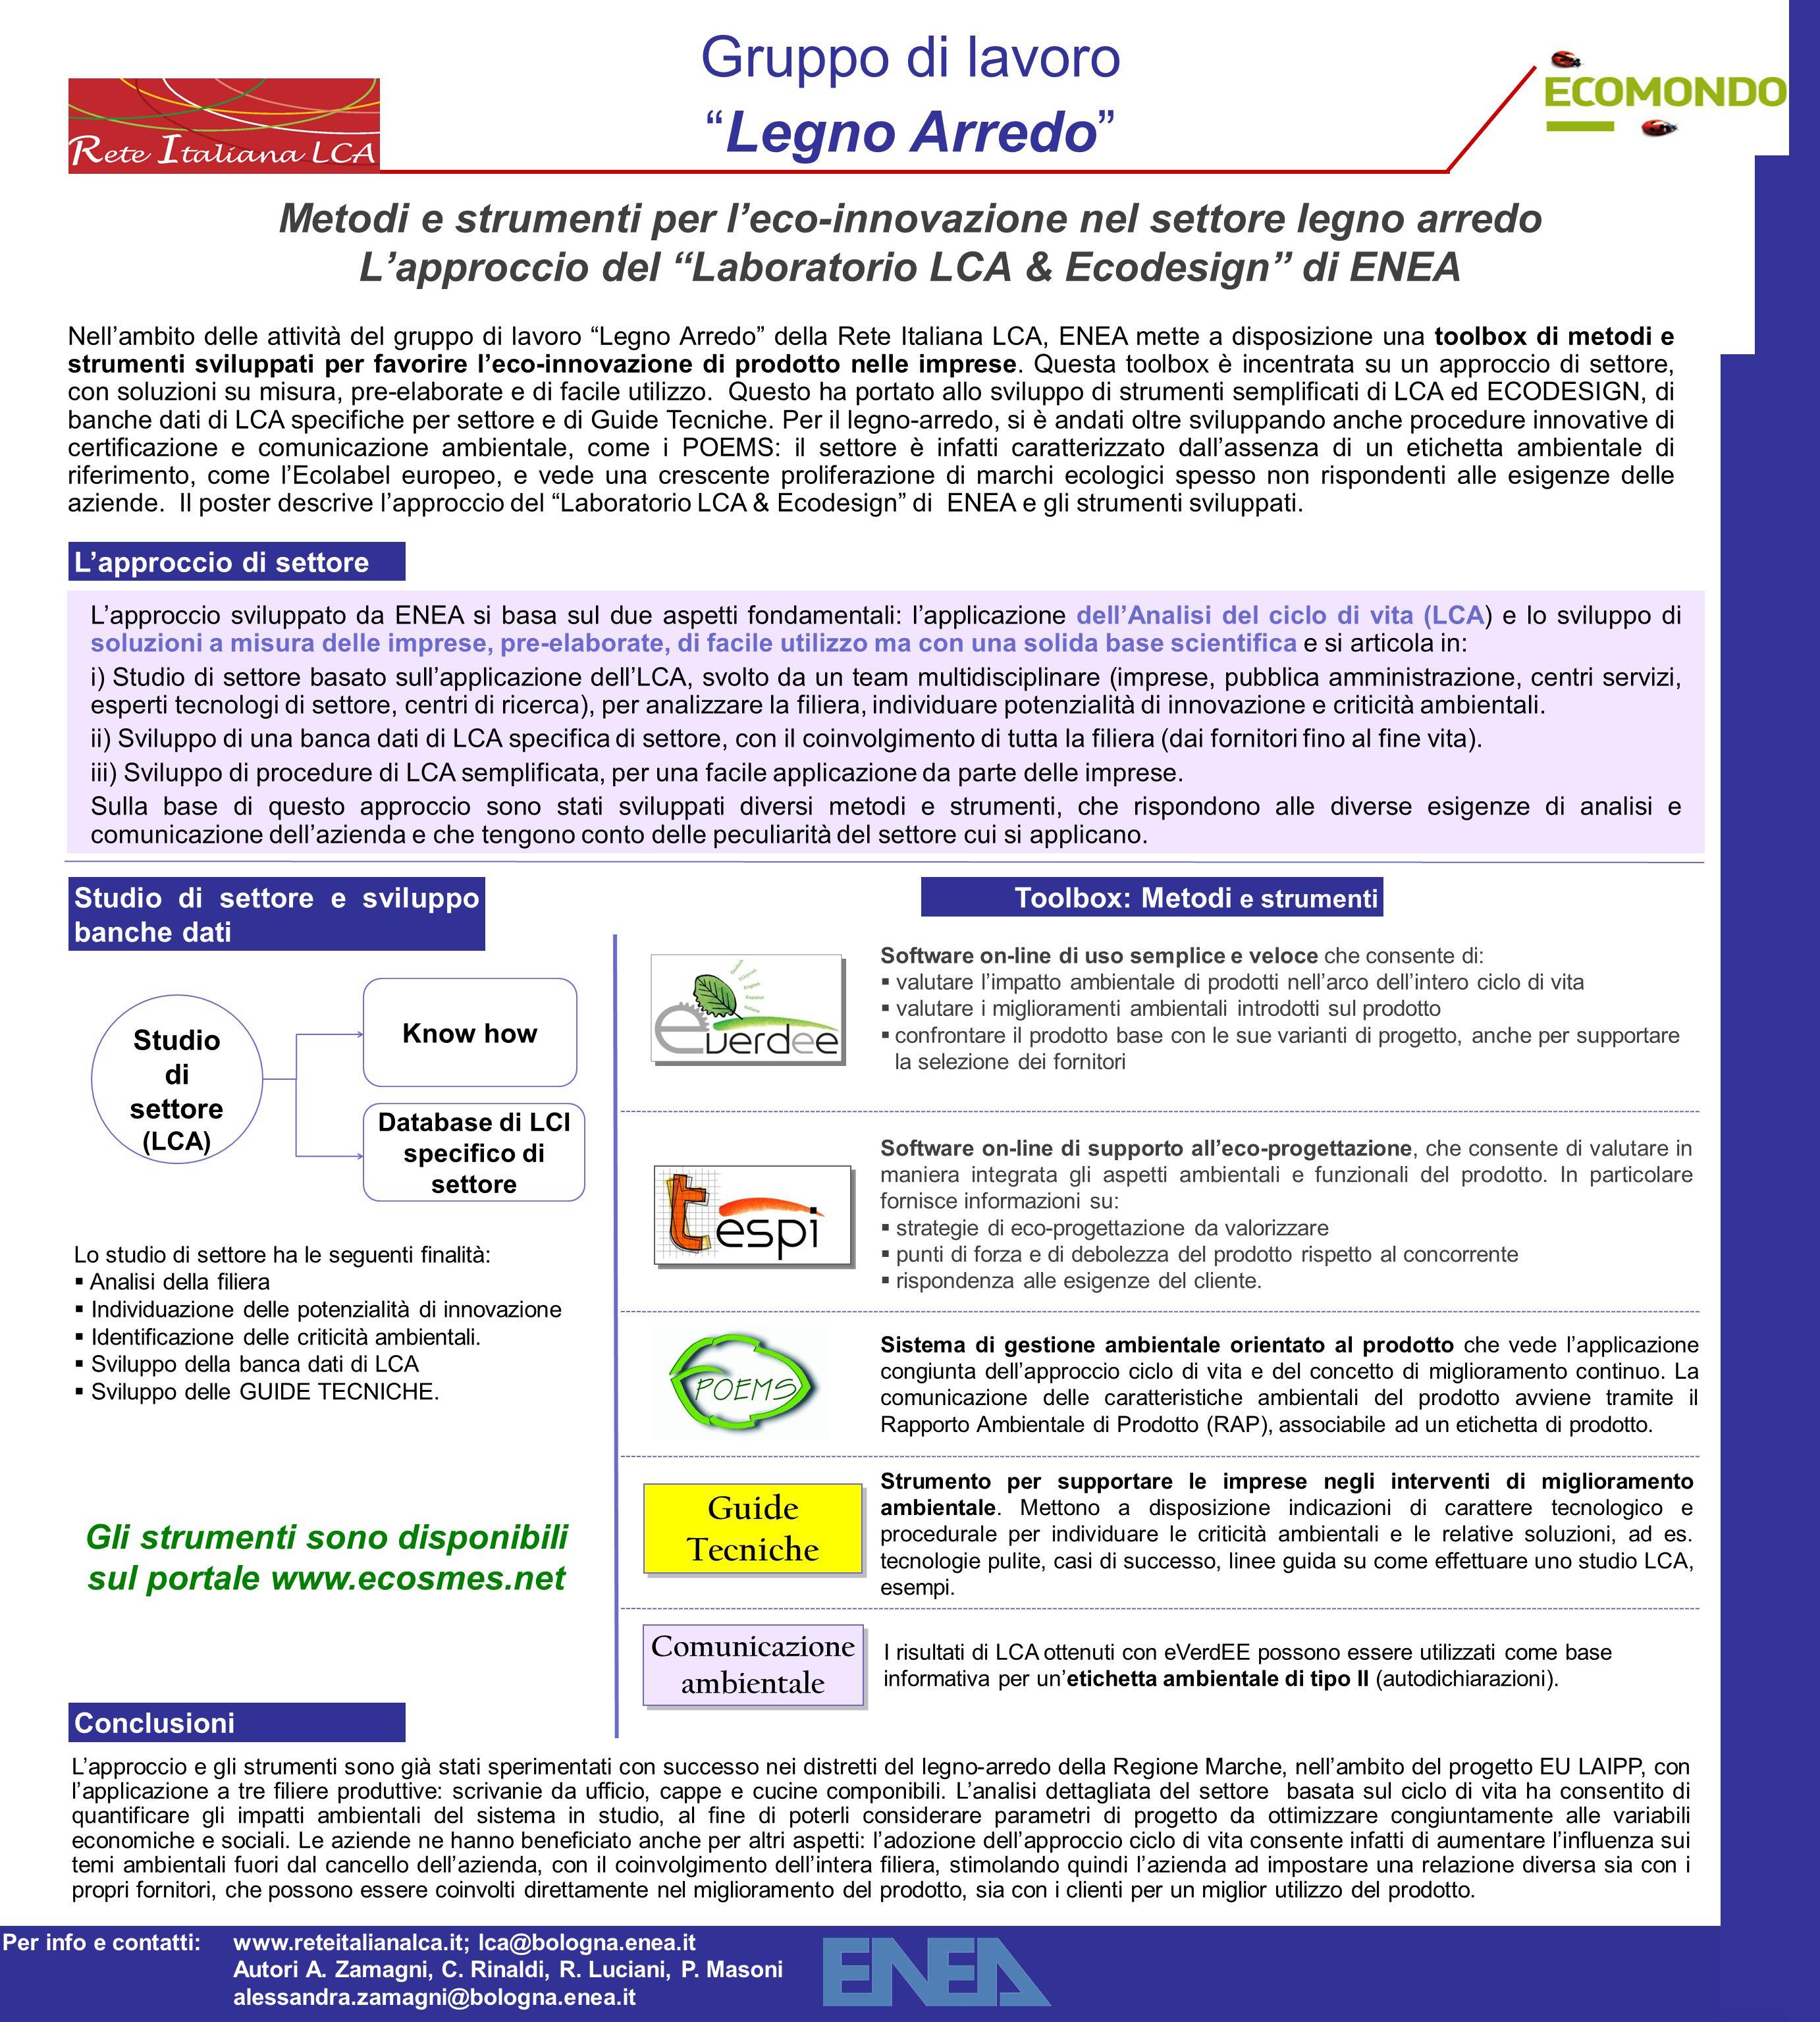 Gruppo di lavoro Legno Arredo Metodi e strumenti per l'eco-innovazione nel settore legno arredo L'approccio del Laboratorio LCA & Ecodesign di ENEA Nell'ambito delle attività del gruppo di lavoro Legno Arredo della Rete Italiana LCA, ENEA mette a disposizione una toolbox di metodi e strumenti sviluppati per favorire l'eco-innovazione di prodotto nelle imprese.